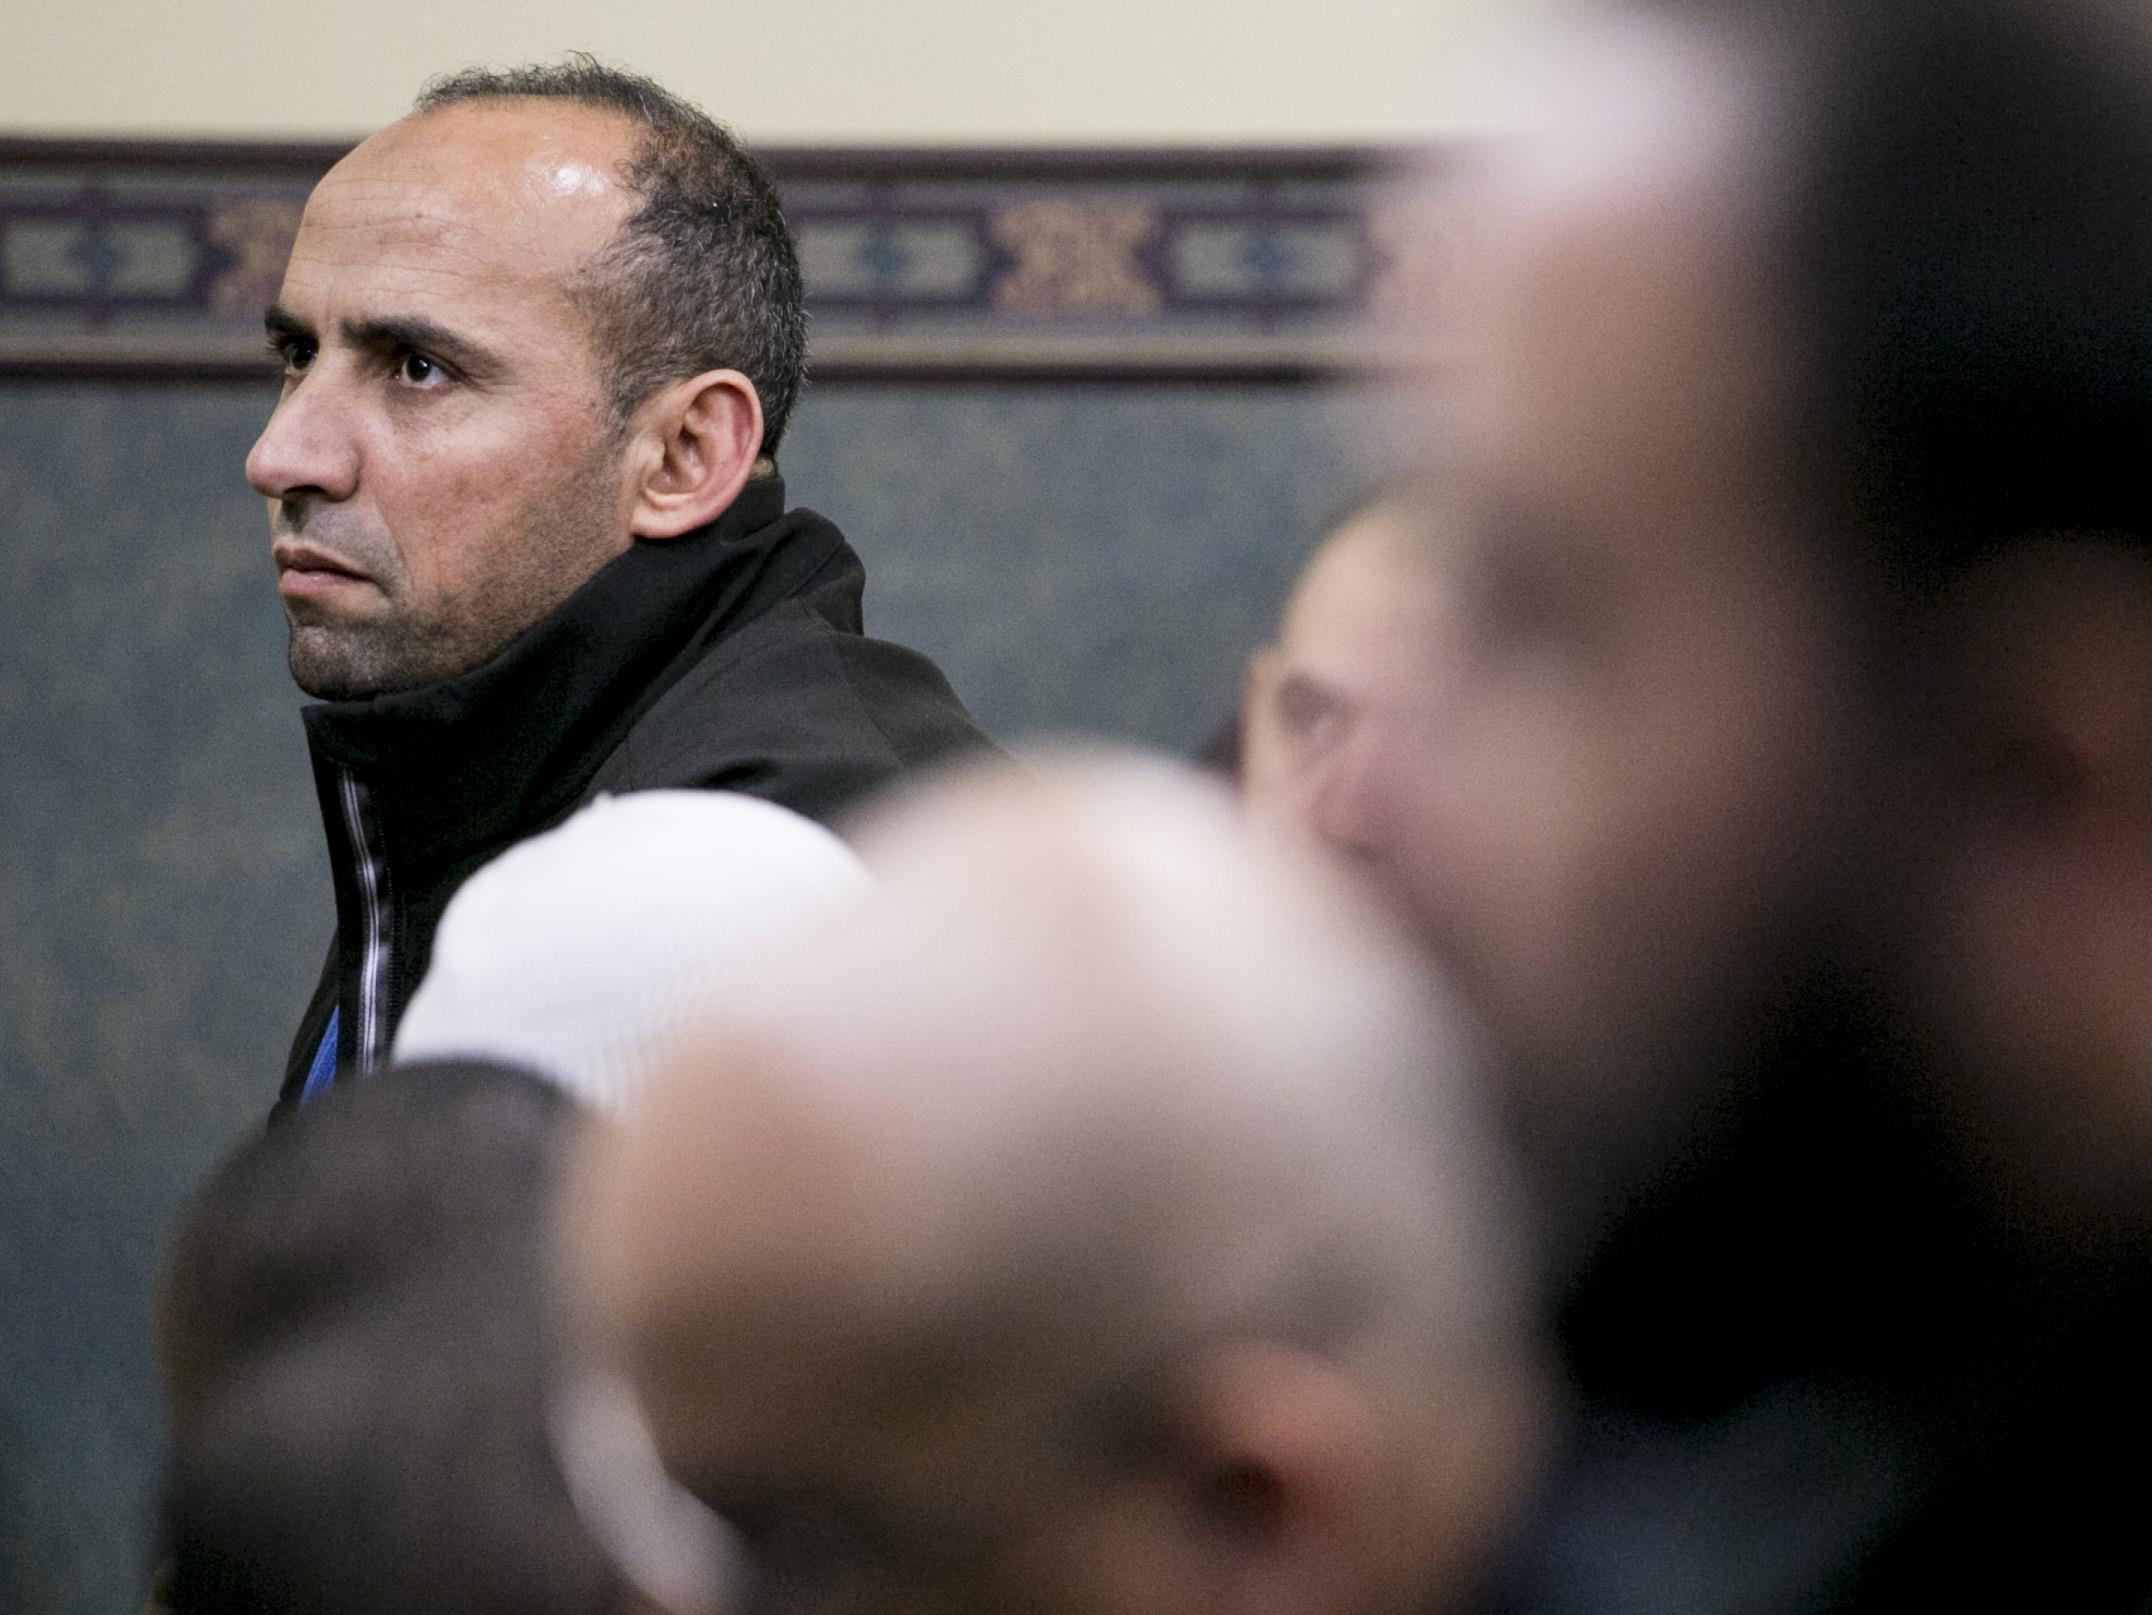 Même s'il a des réflexes de protection dans les lieux publics depuis l'attentat, Saïd Akjour retourne prier.